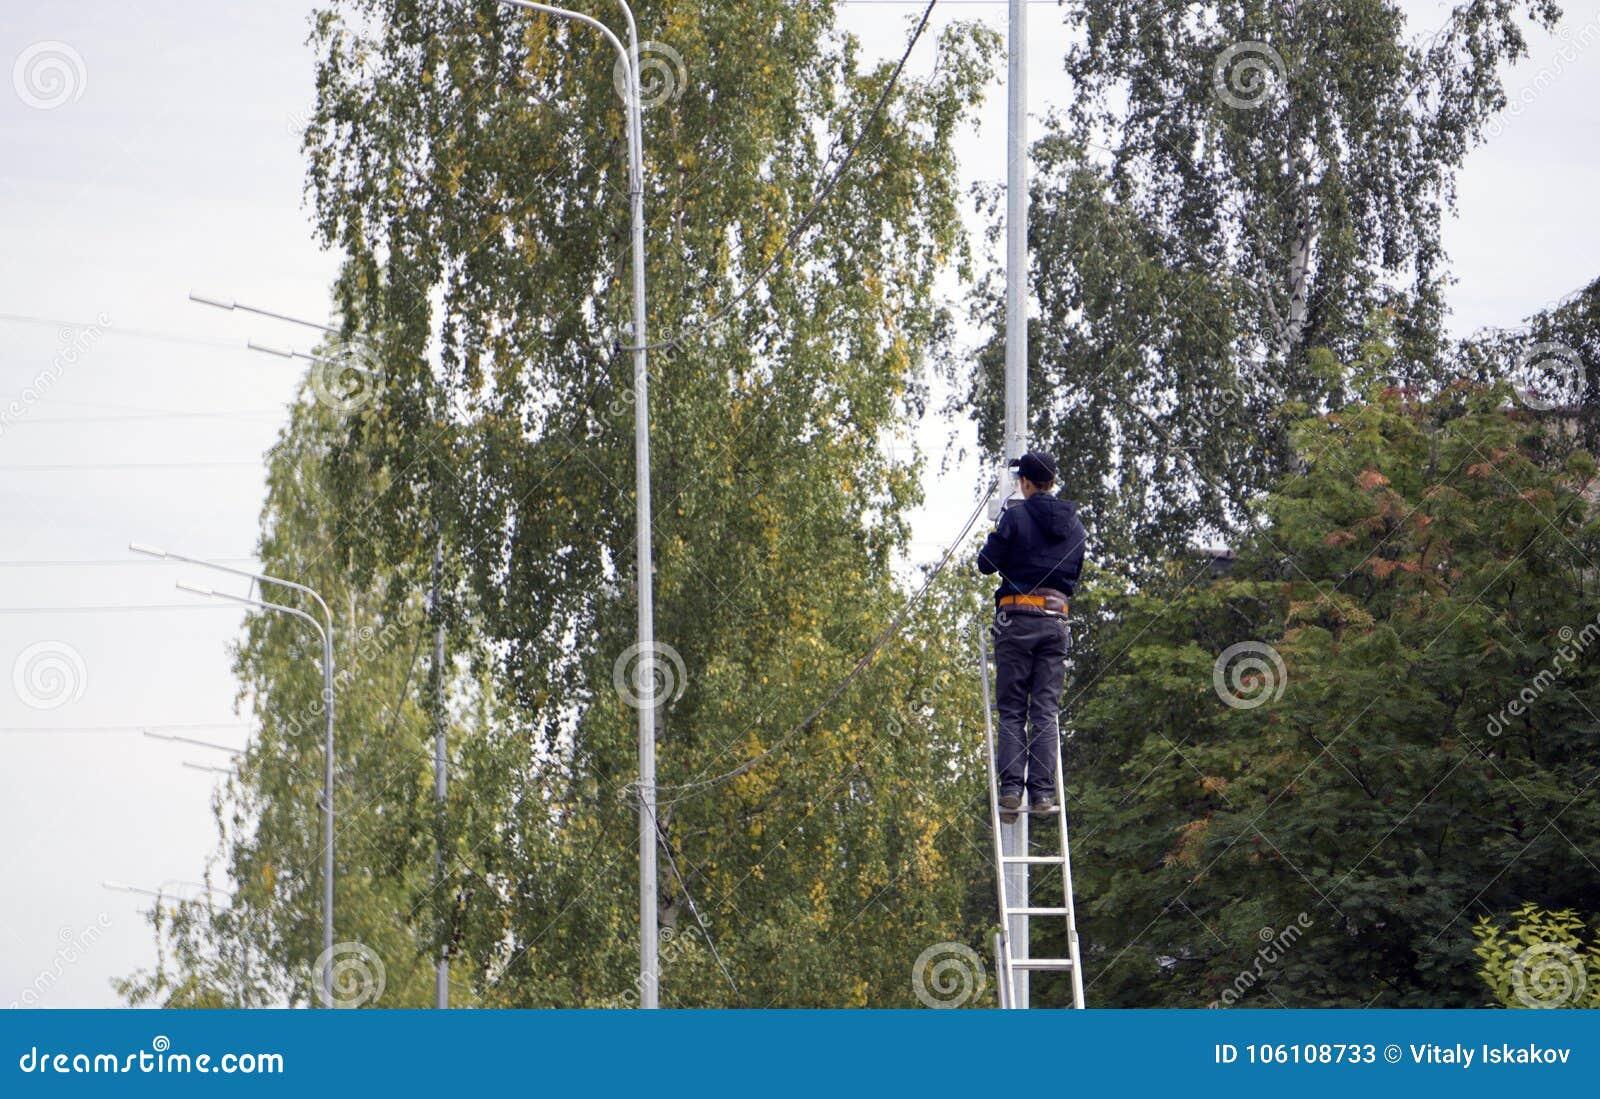 Der Kerl auf der Treppe kletterte auf dem Pfosten